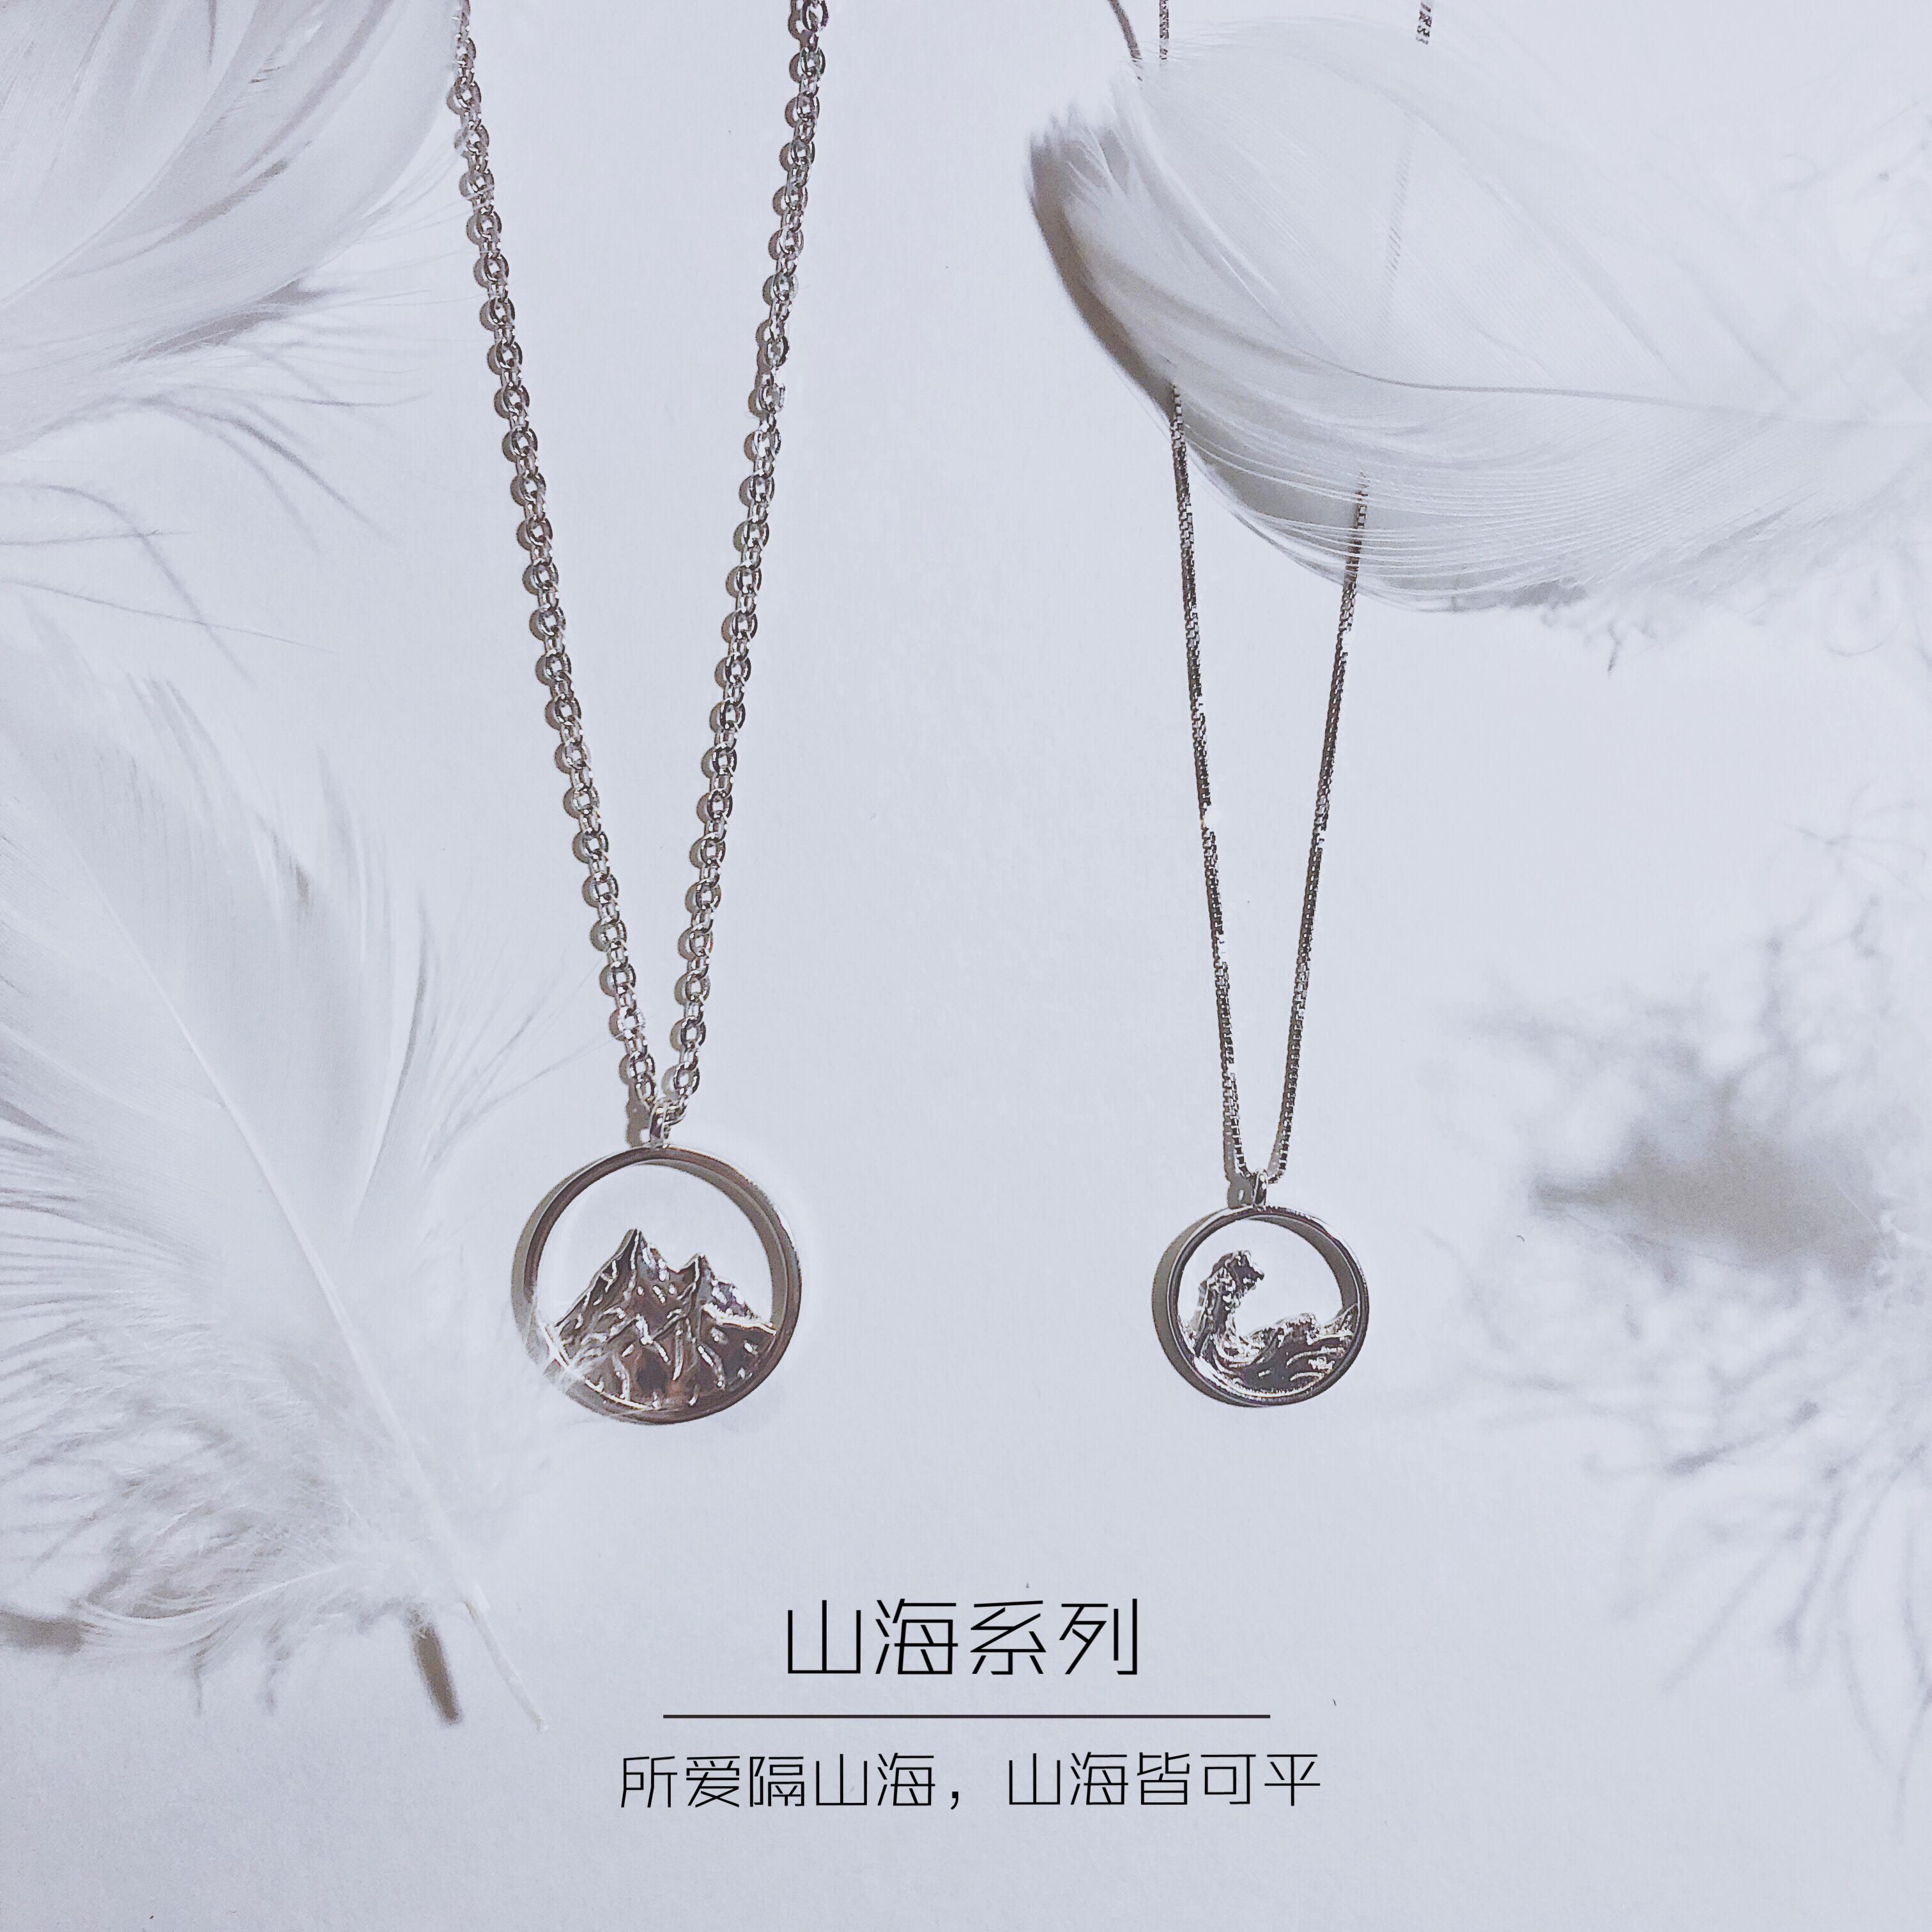 [41丨手作项链]【山海】山海皆可平 独立原创纯银项链月销量1222件仅售128元